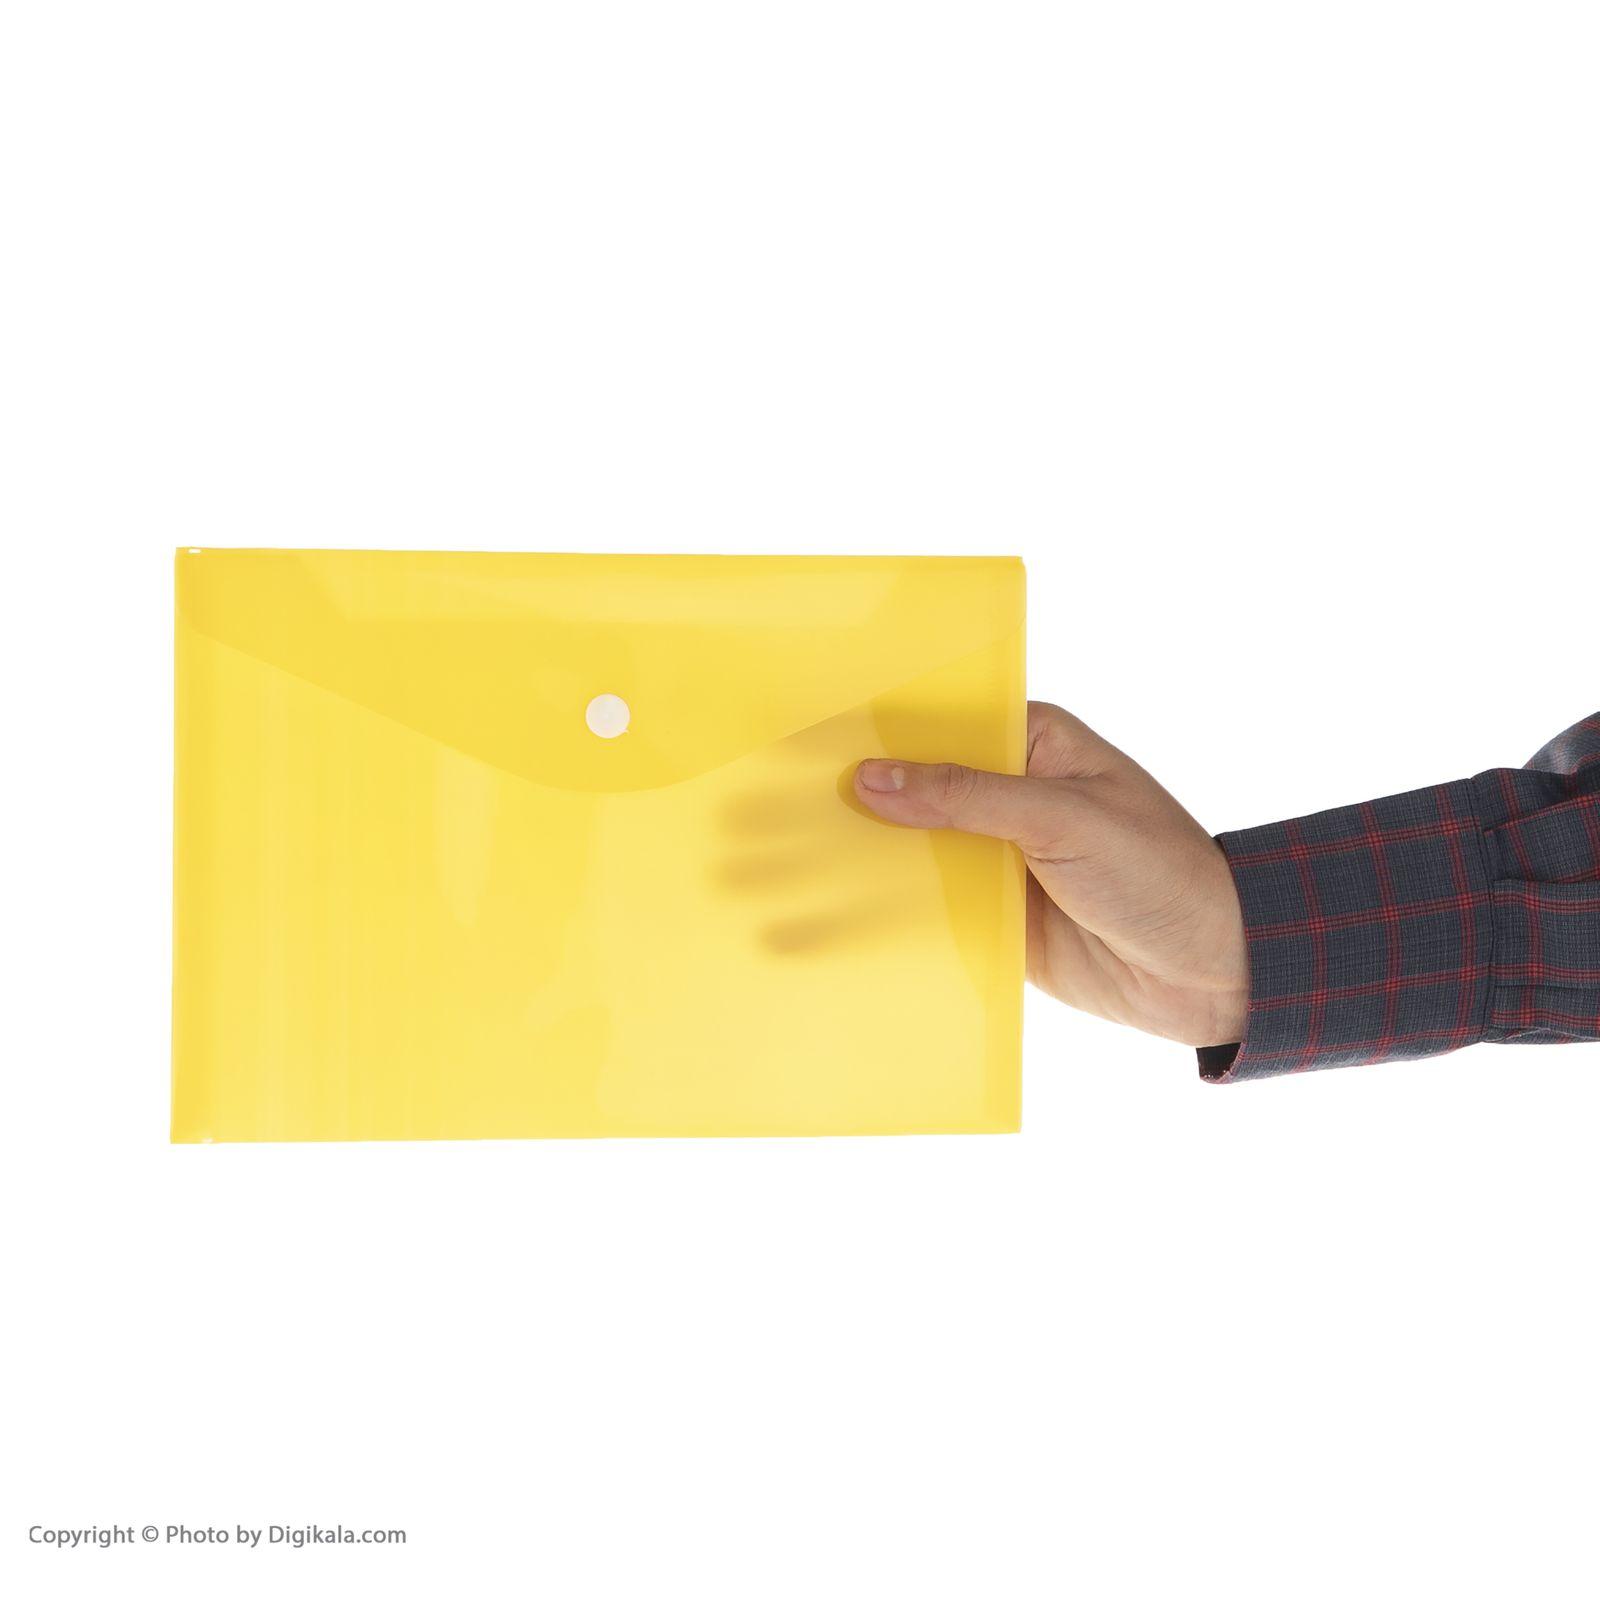 پوشه دکمه دار فوسکا سایز A5 بسته 10 عددی main 1 13